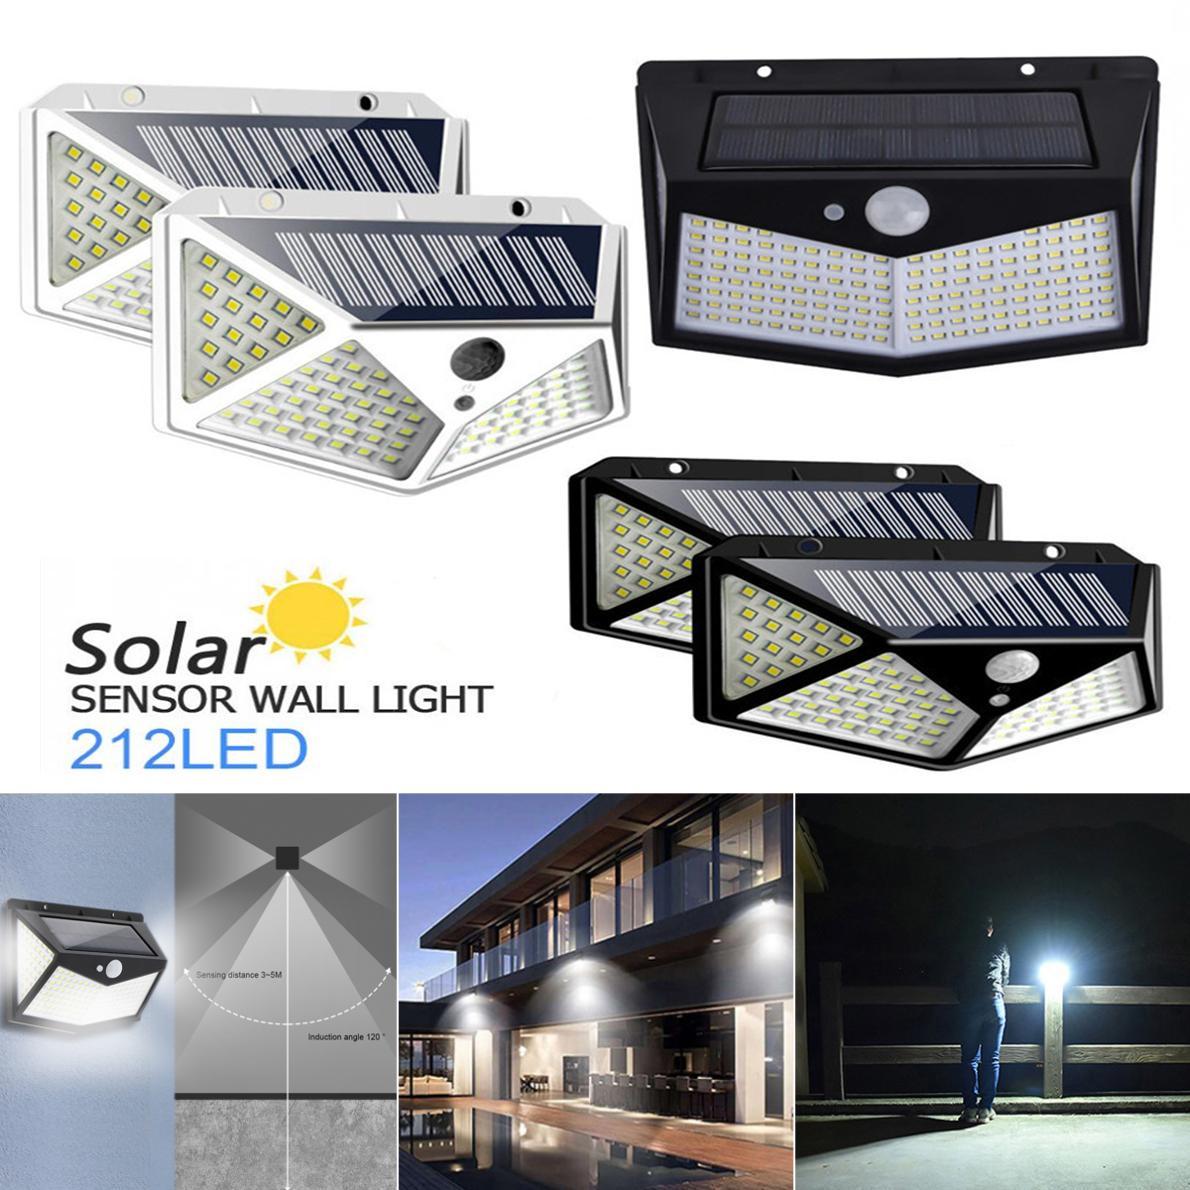 212 lâmpada solar do bead Sistema de controle de luz inteligente Indução do corpo humano para exterior e jardim